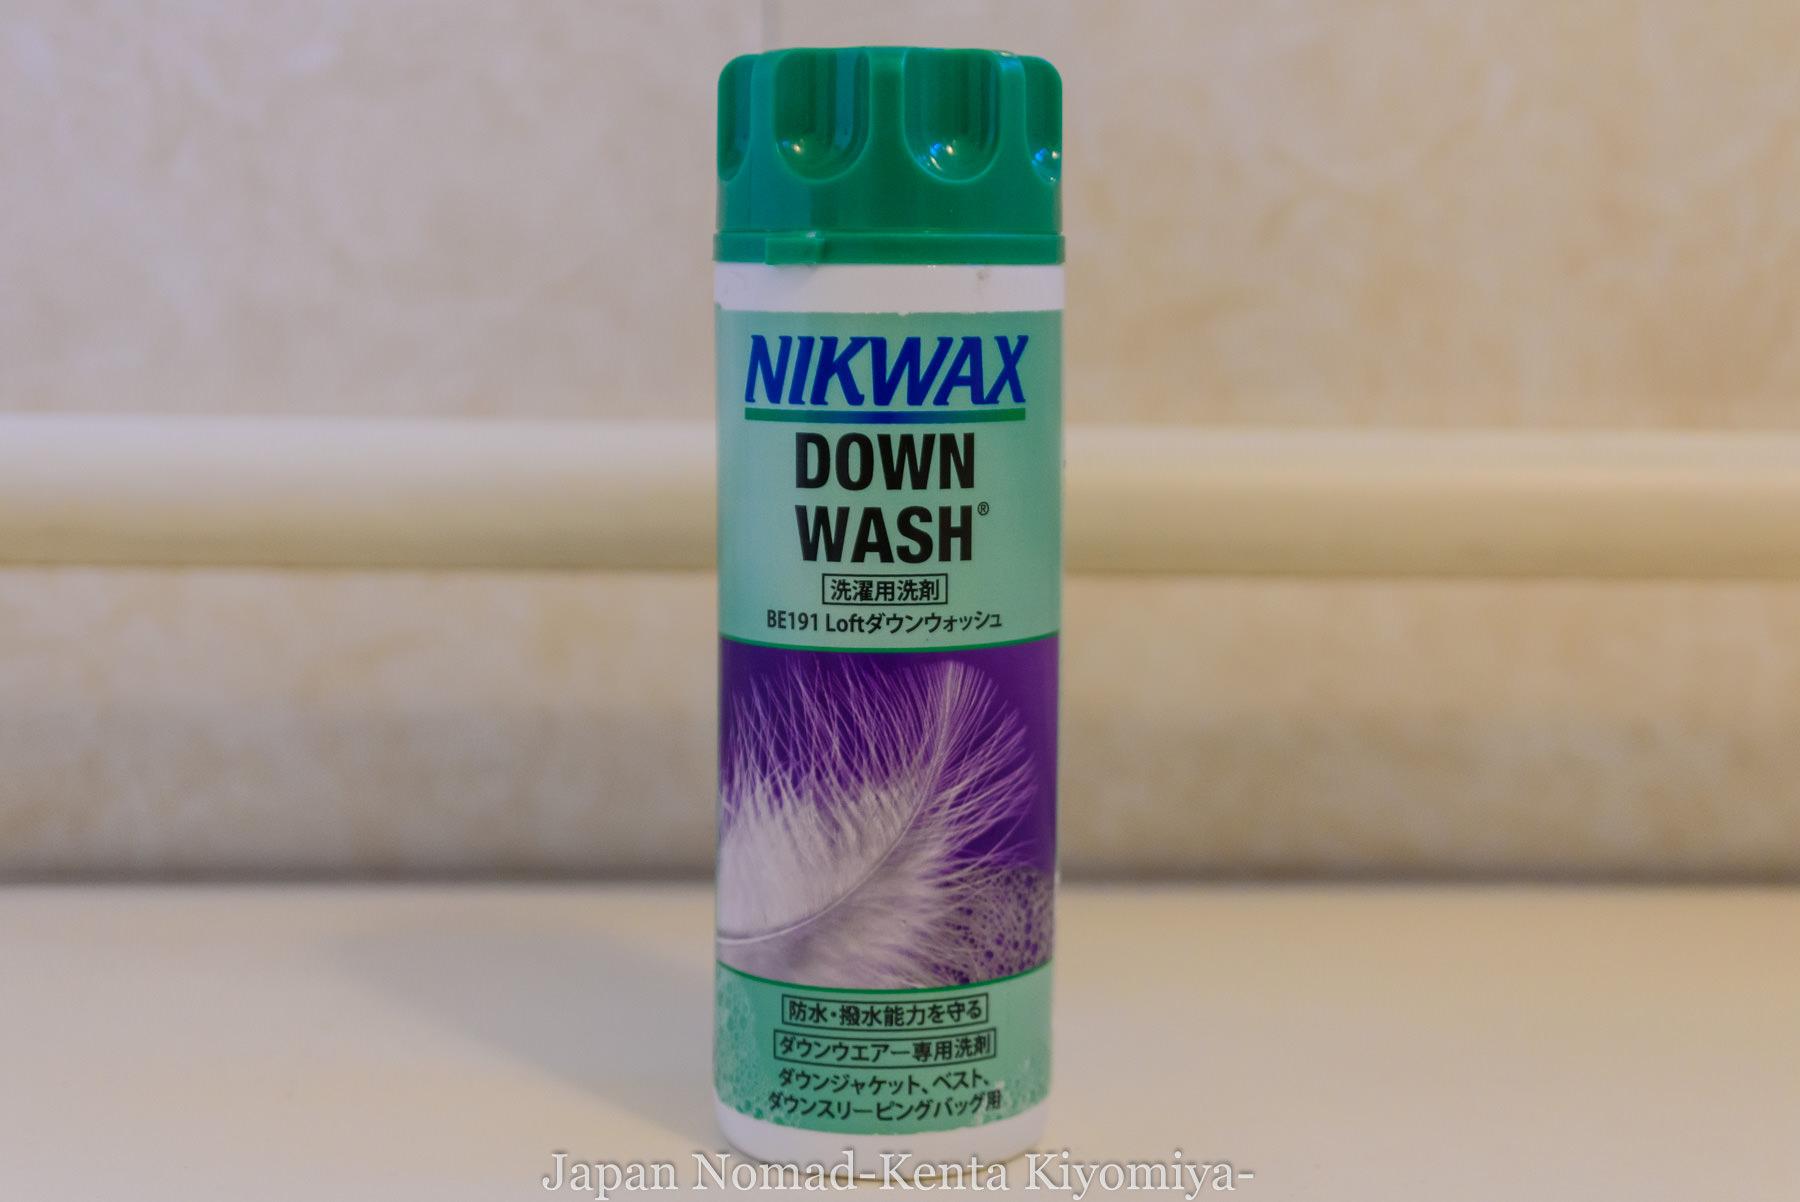 ダウンシュラフの洗い方(NIKWAX)-Japan Nomad (1)